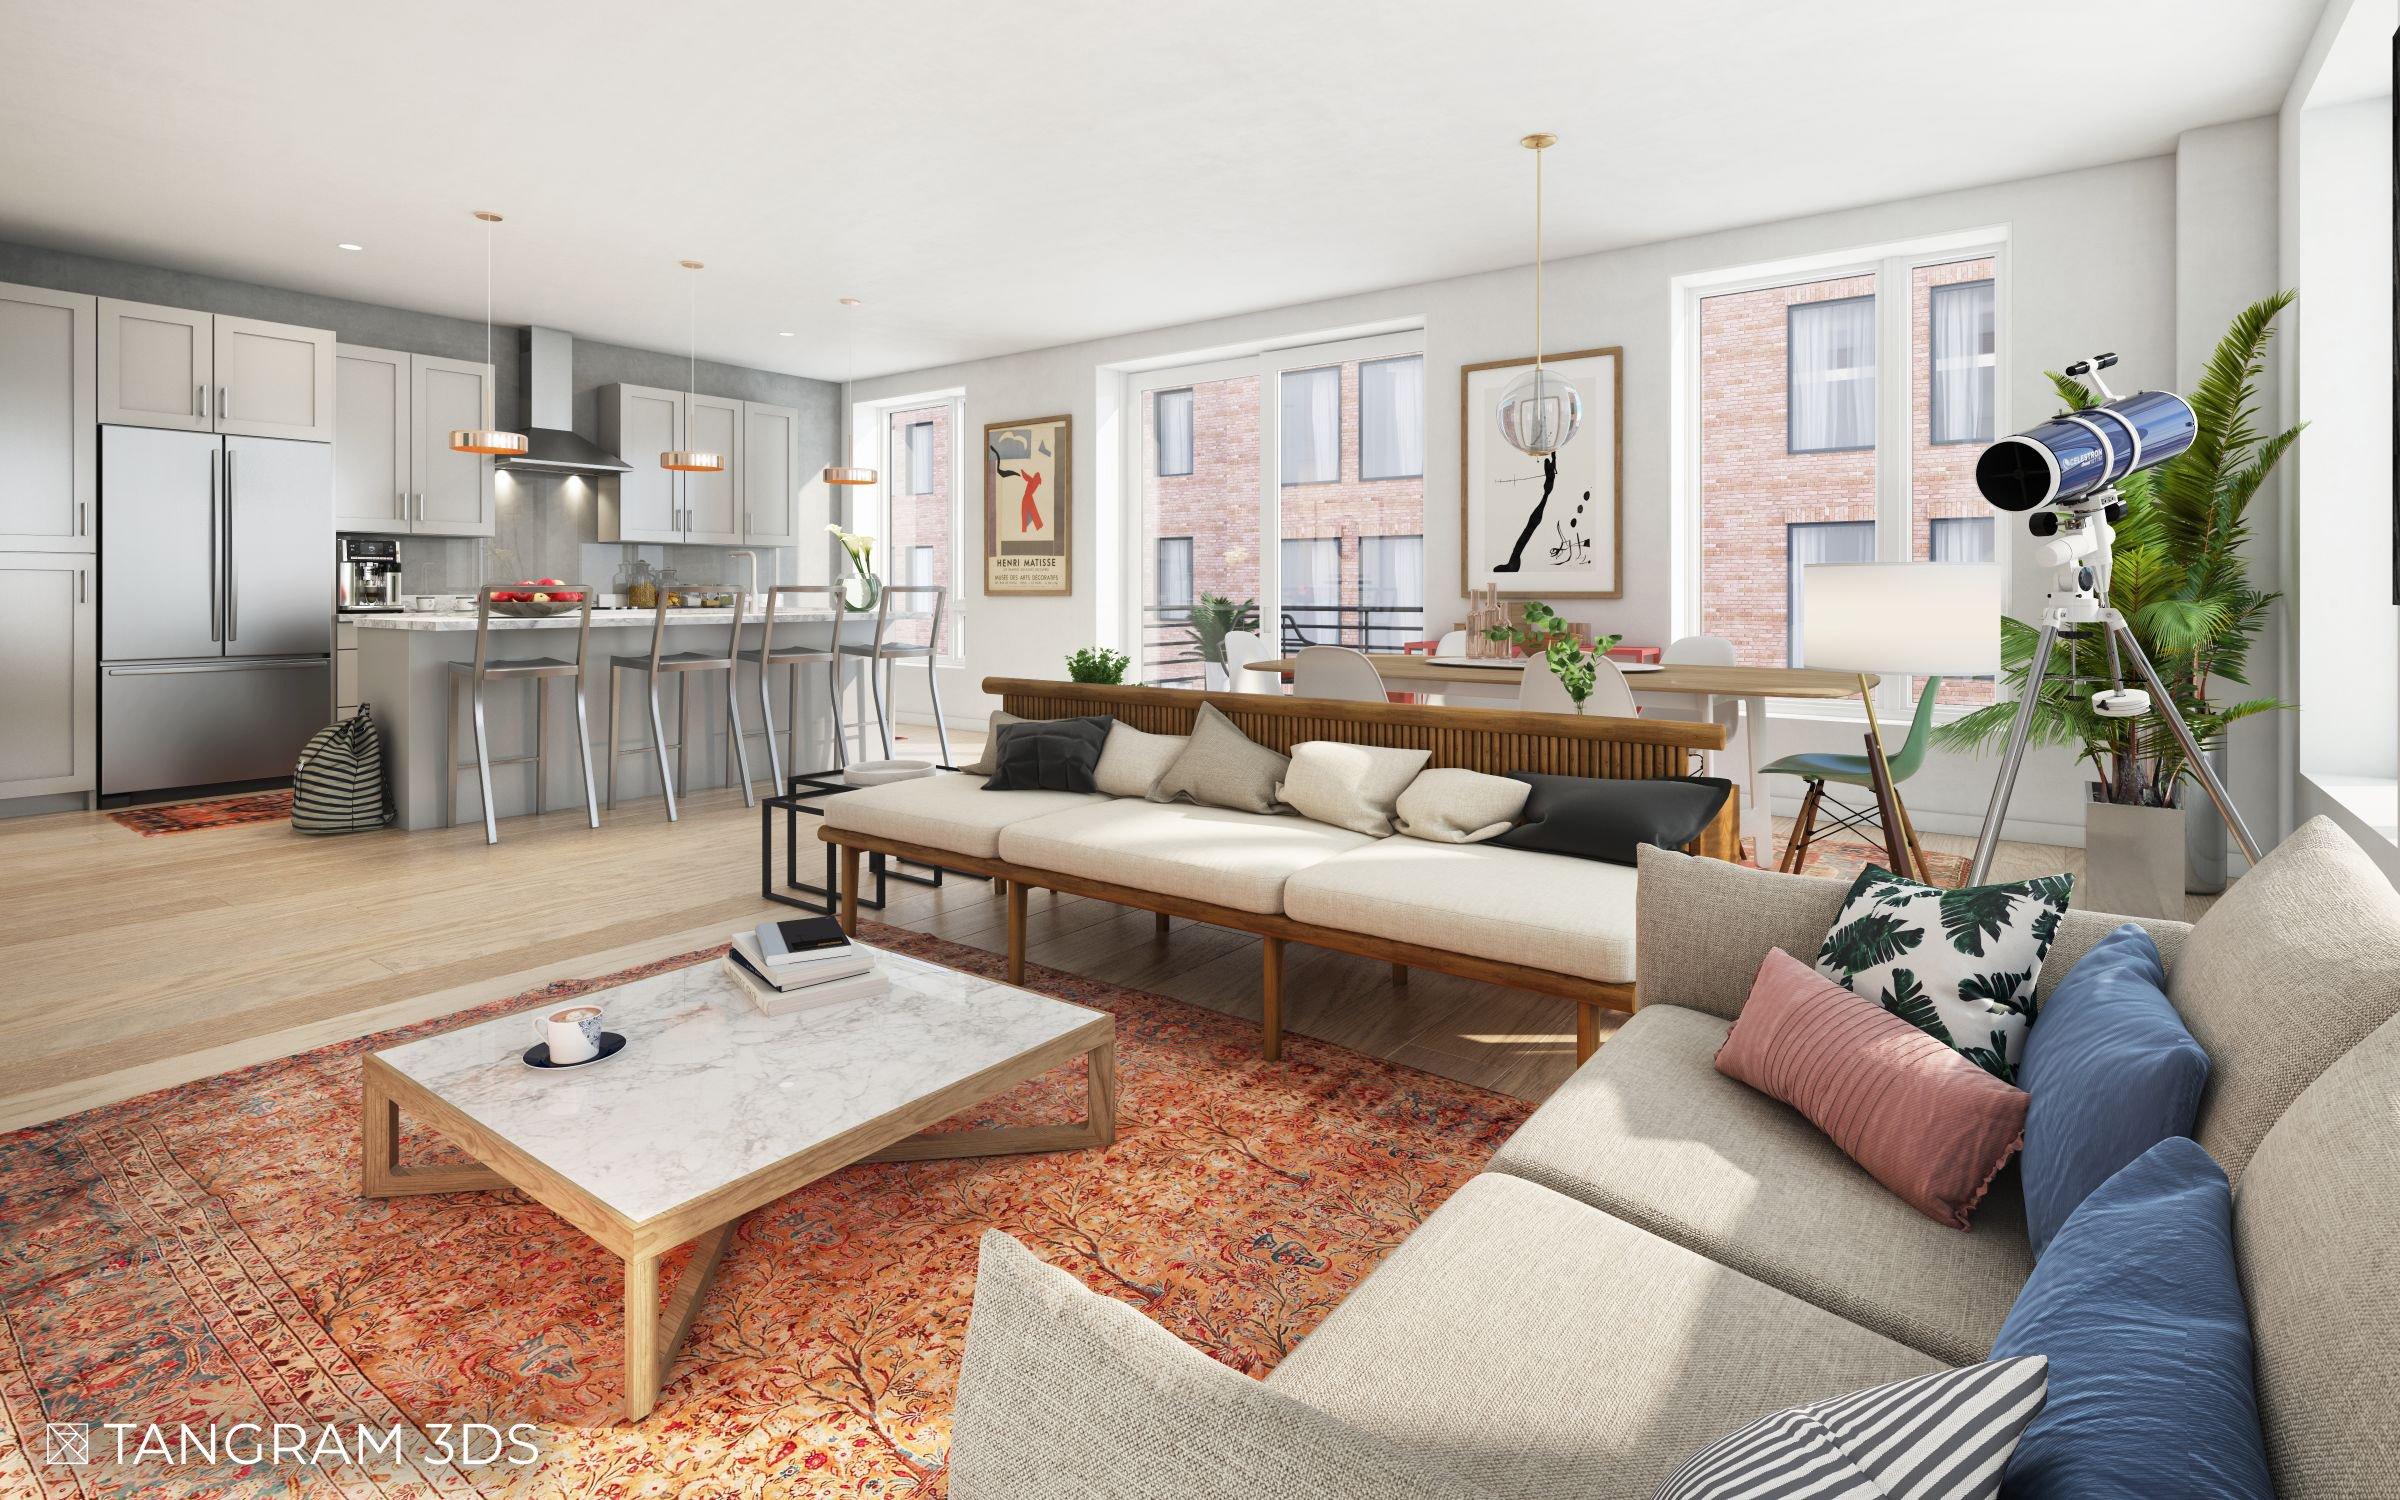 Interior Residential Living Room Kitchen Tangram 3DS